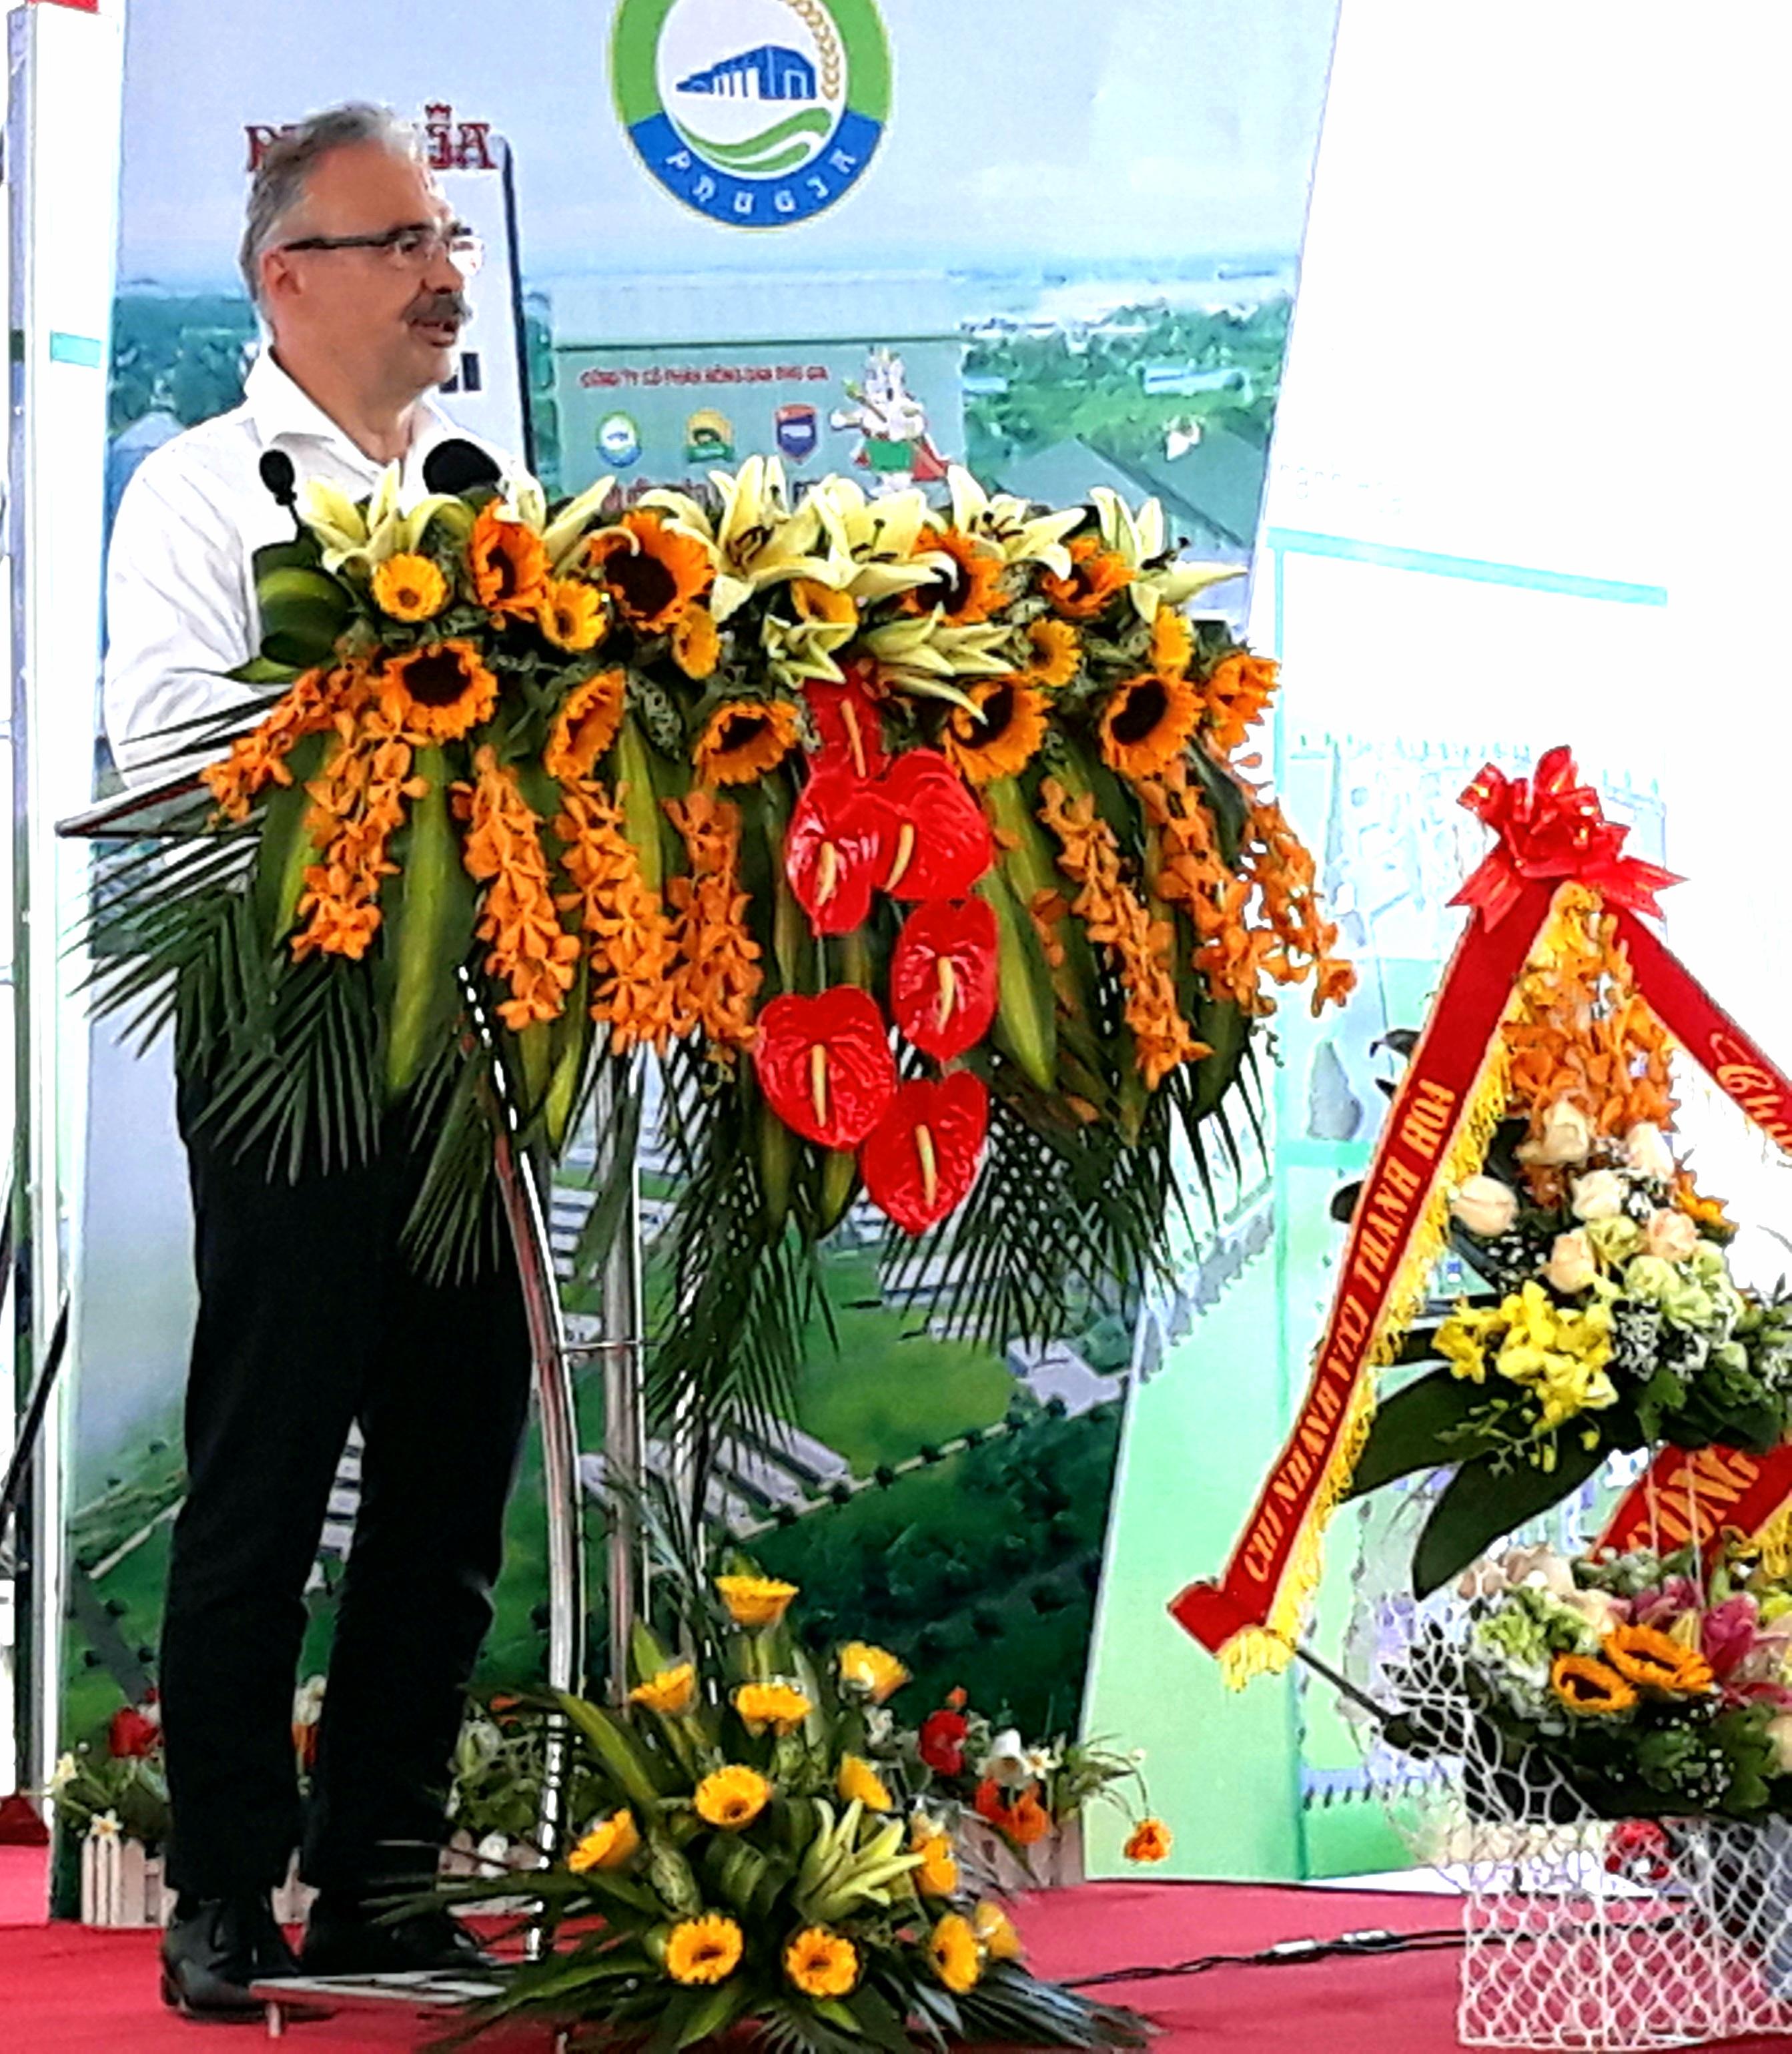 Szorosabb agrárdiplomácia Magyarország és Vietnam között - Nagy István agrárminiszter Vietnamban2